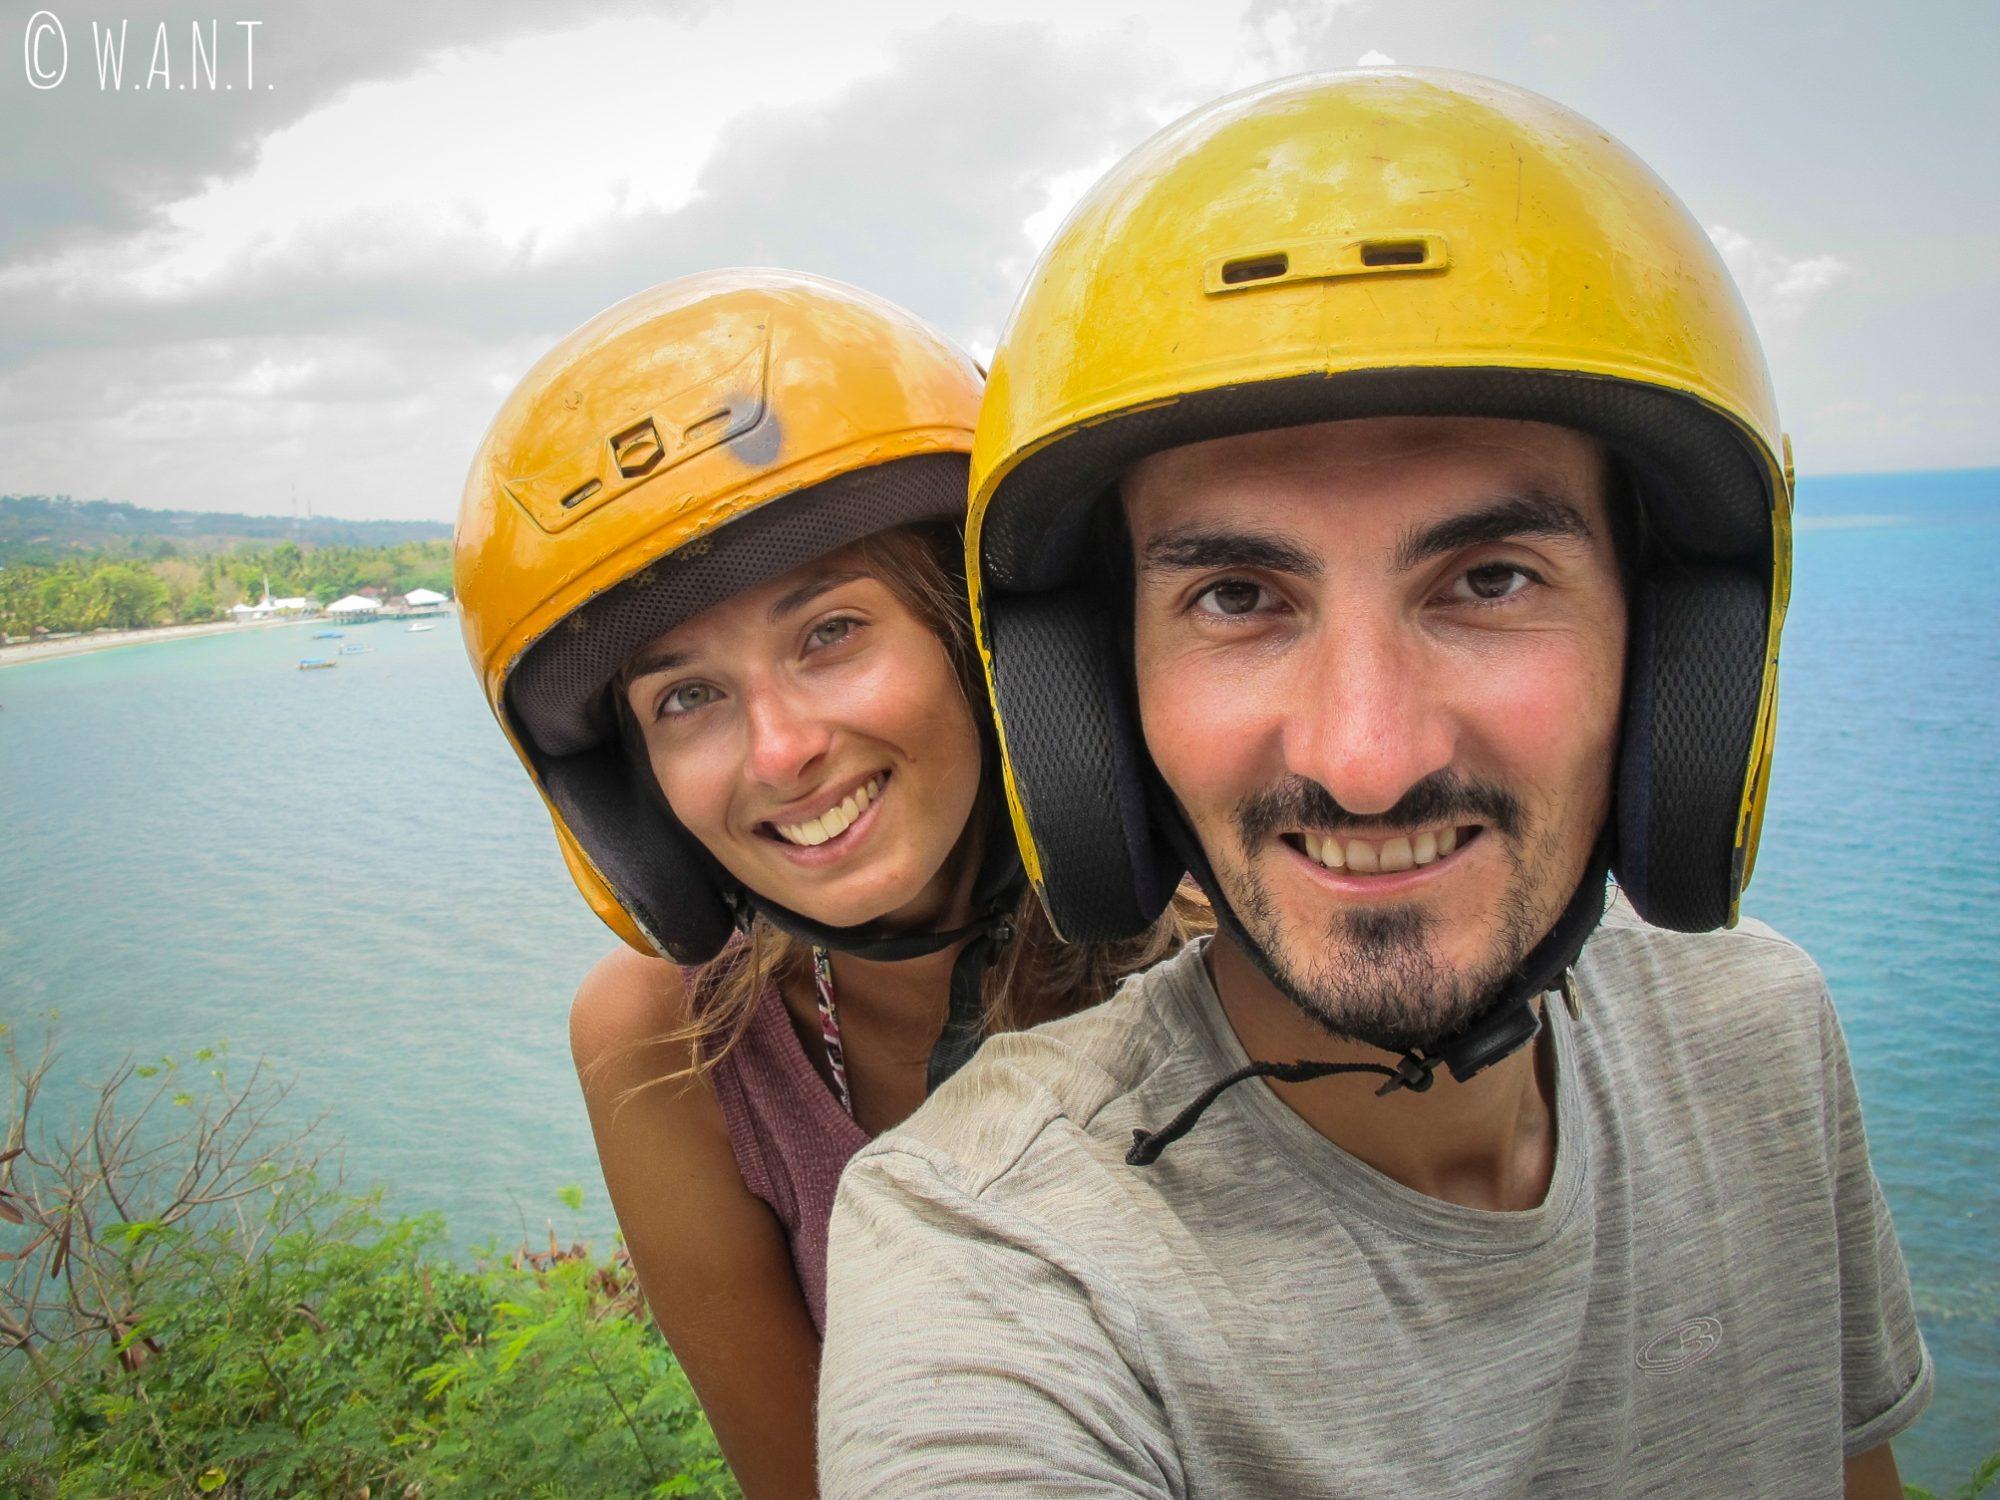 Selfie avec nos casques jaunes durant notre promenade sur la côte de Lombok